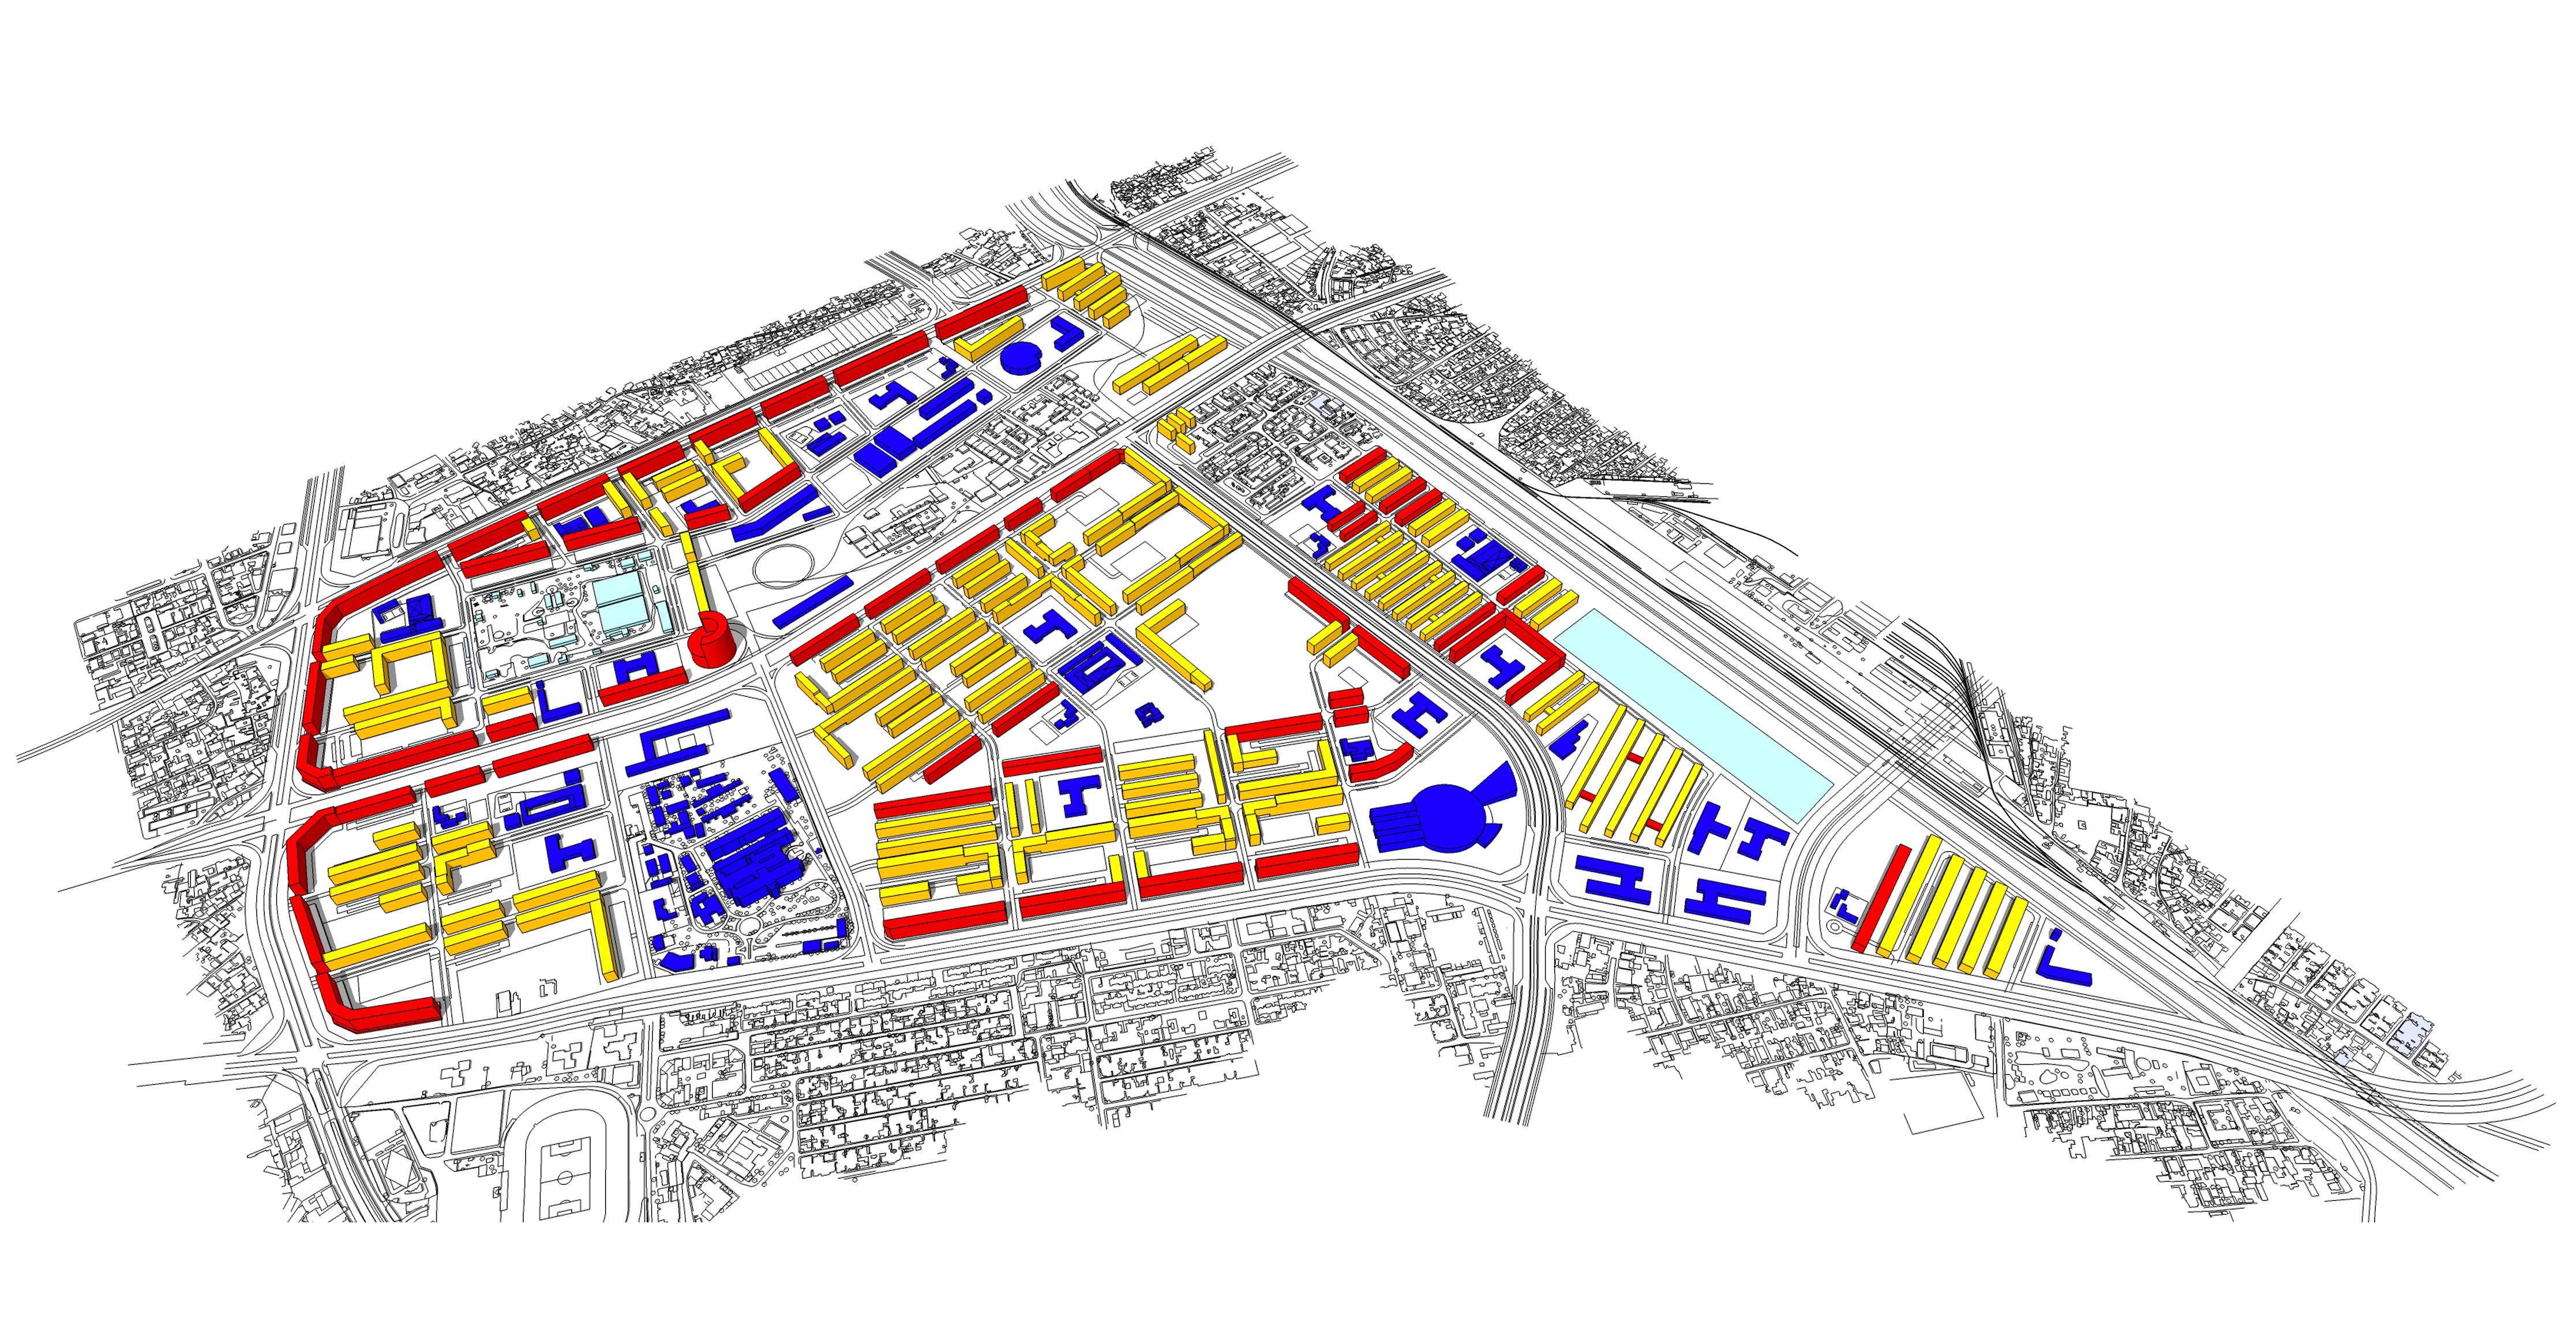 Plano da Unidade Operativa do Rangel